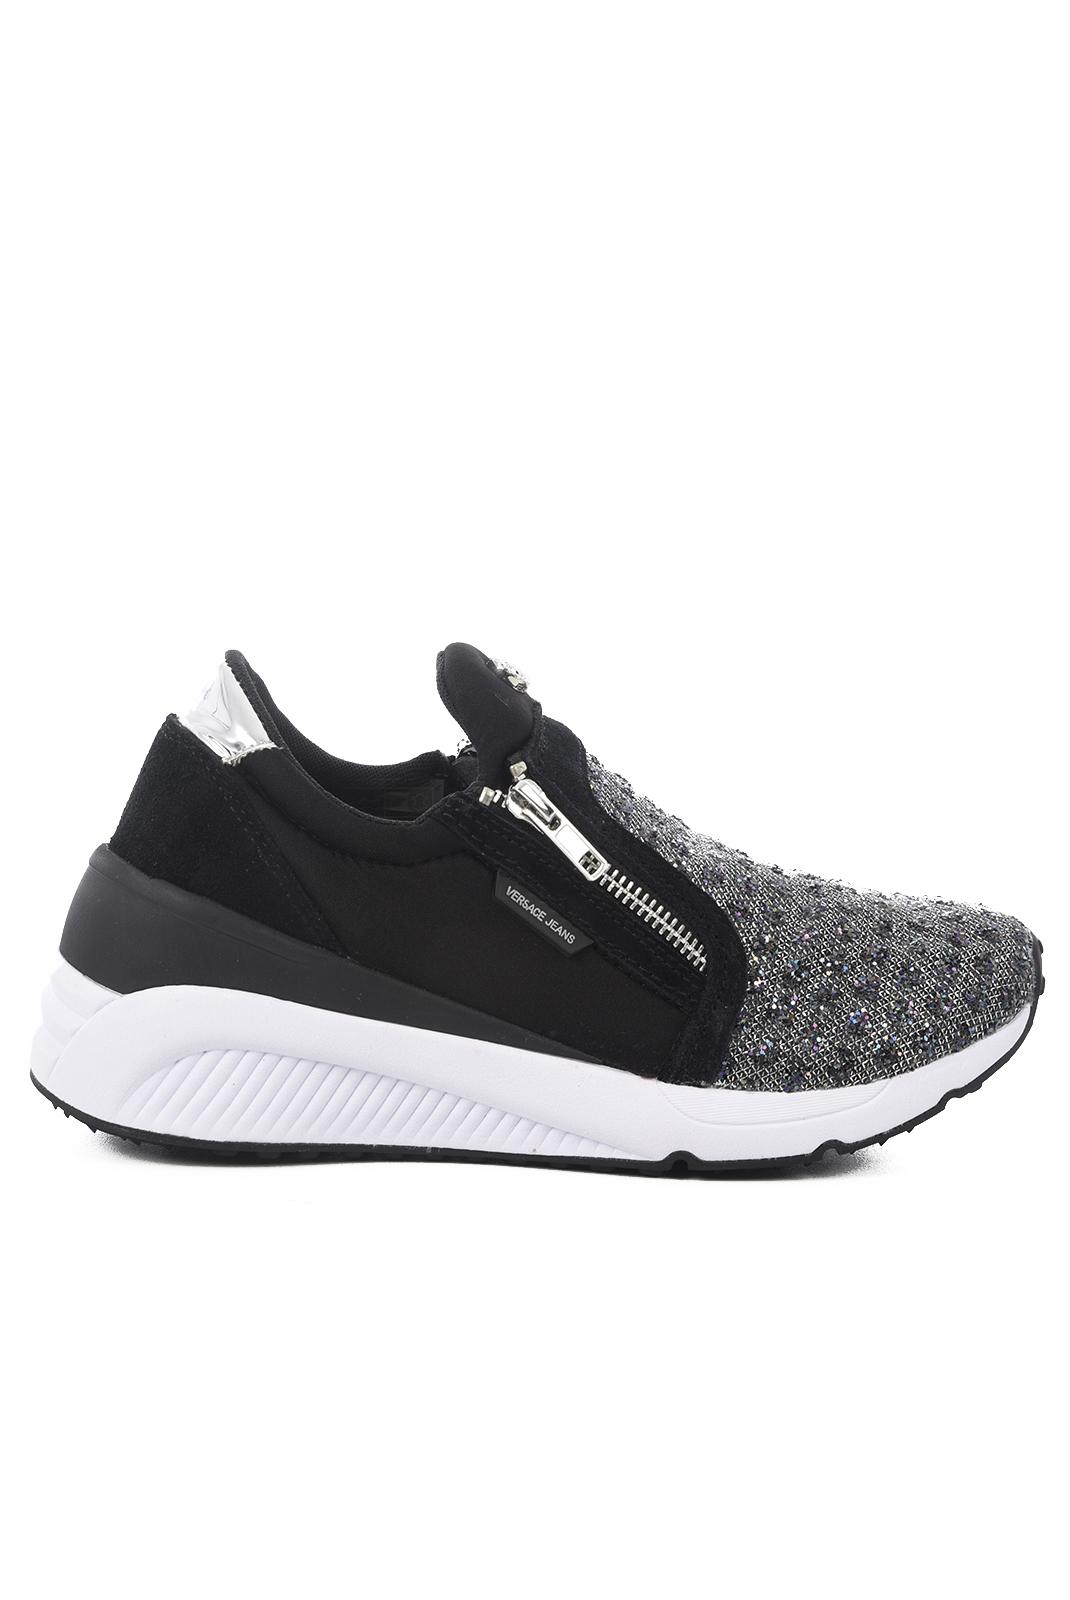 Baskets / Sneakers  Versace Jeans VRBSB1 899 BLACK